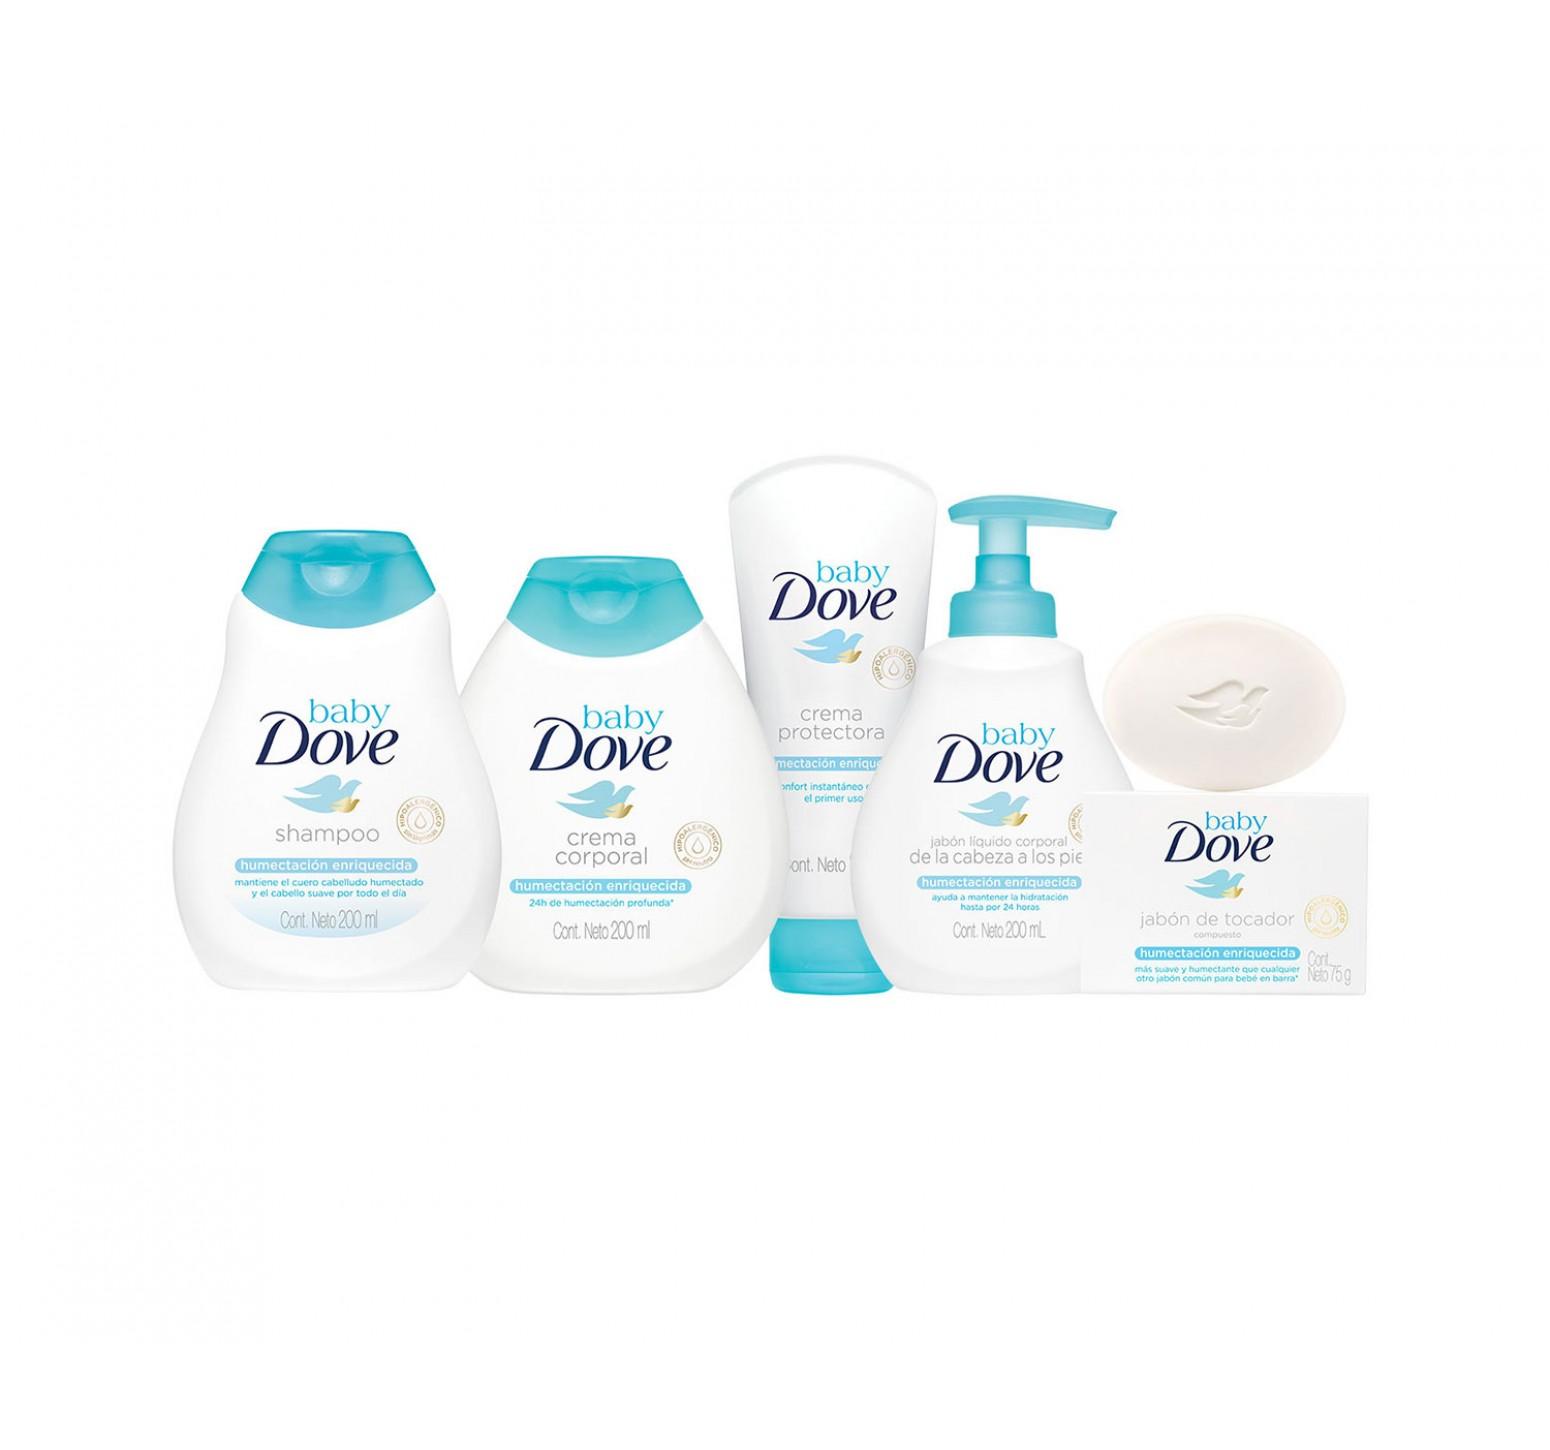 Baby Dove Shampoo Humectación Enriquecida